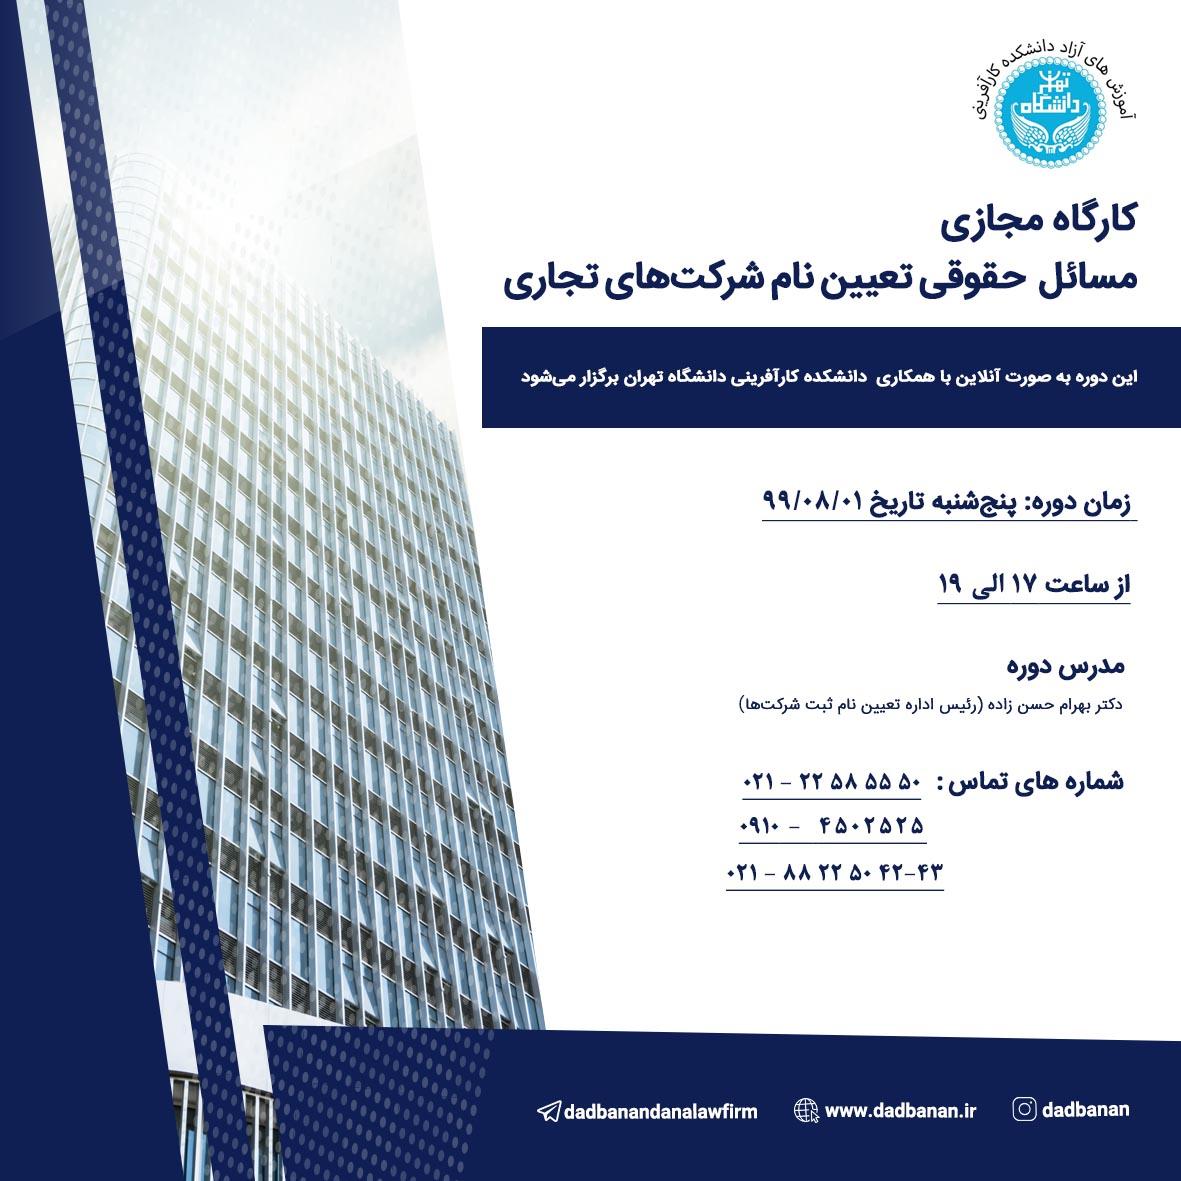 مسائل حقوقی تعیین نام ثبت شرکت های تجاری